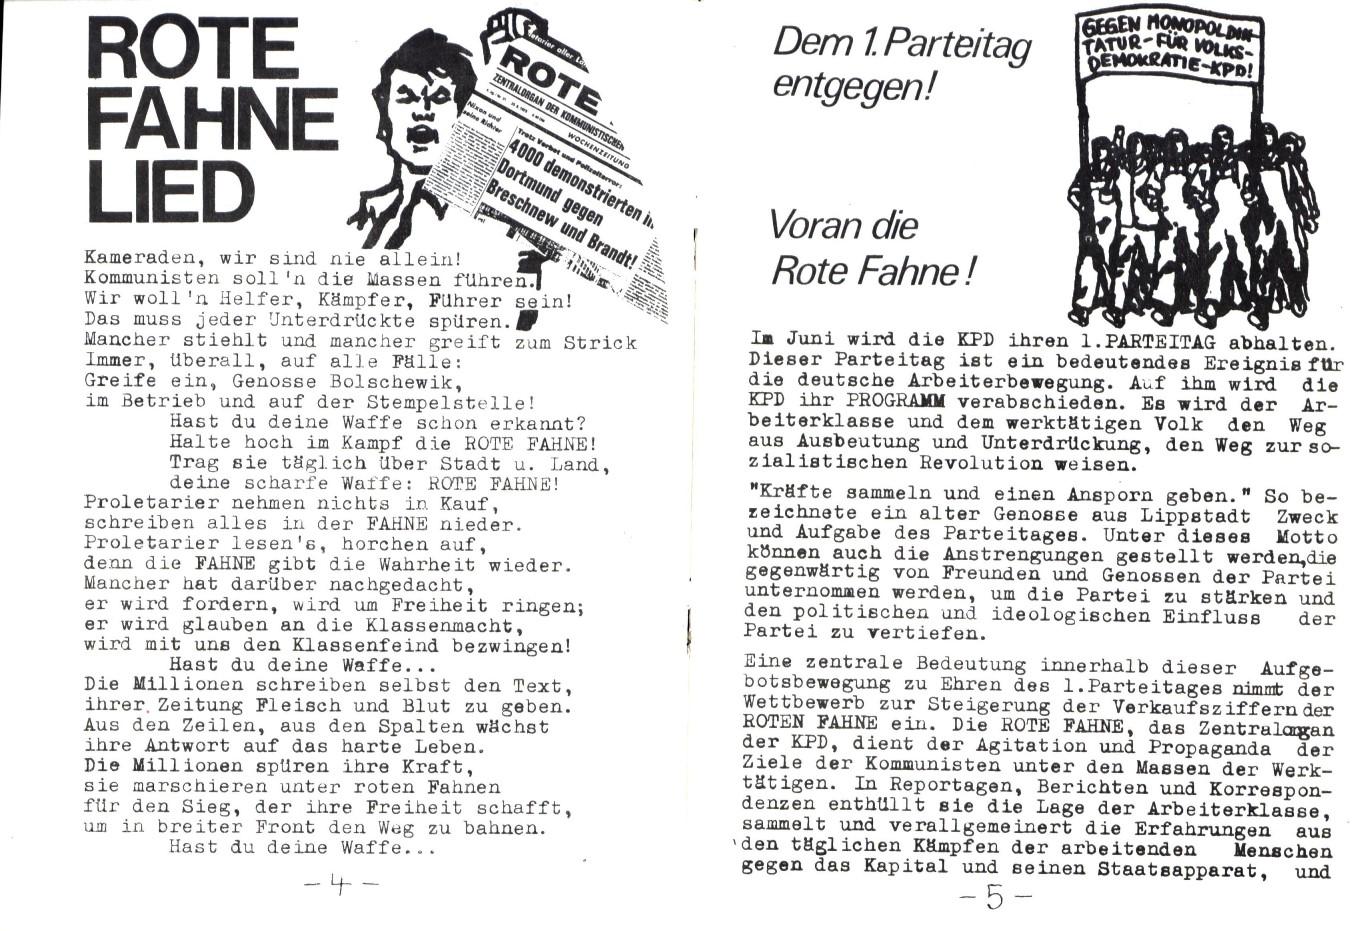 Duisburg_KPD_1974_Rote_Fahne_Fest_03